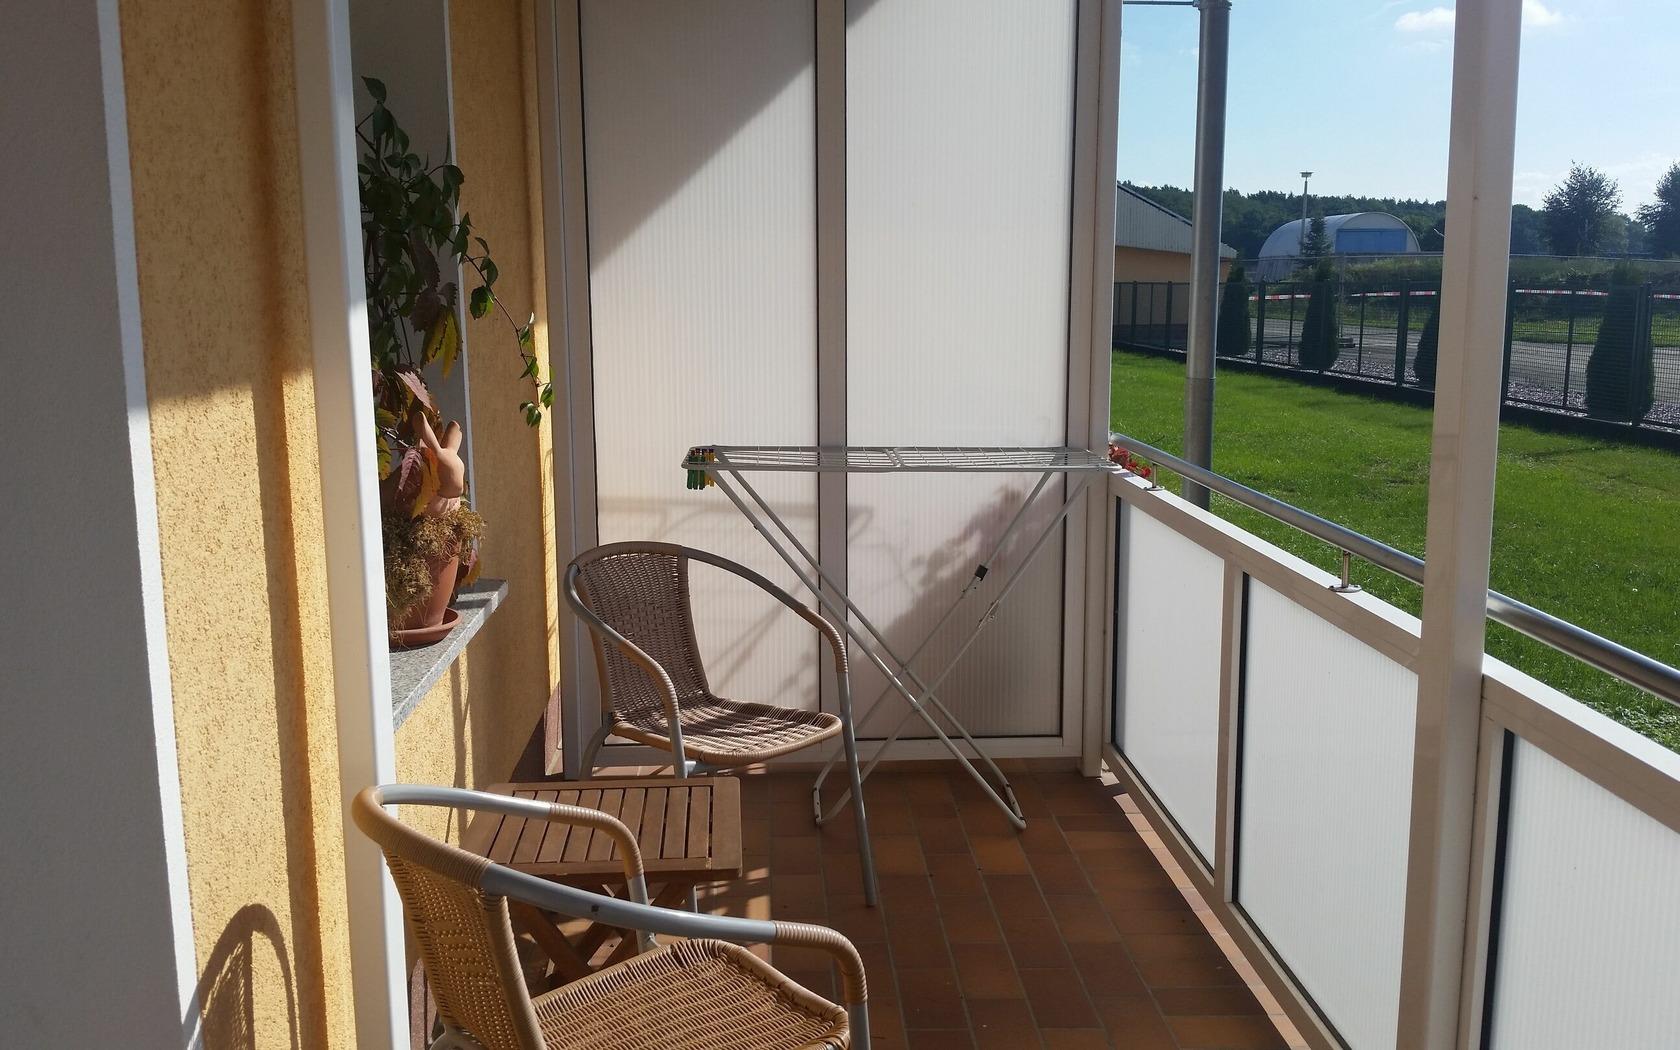 Ansicht Balkon Zimmervermietung Groß-Gastrose, Foto: MuT Guben